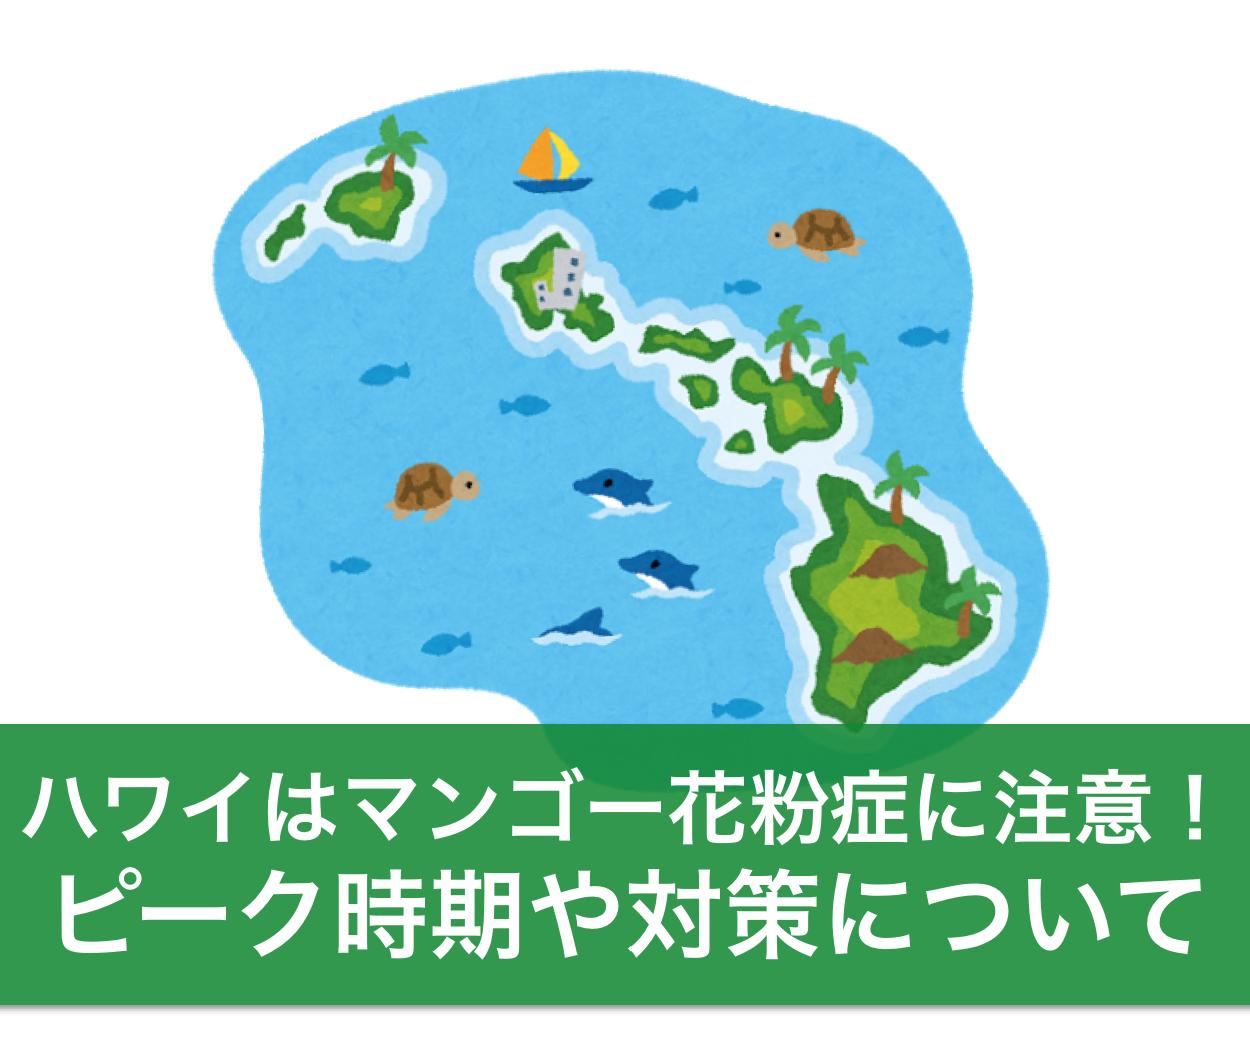 ハワイ旅行はマンゴー花粉症に注意!時期やピーク情報も